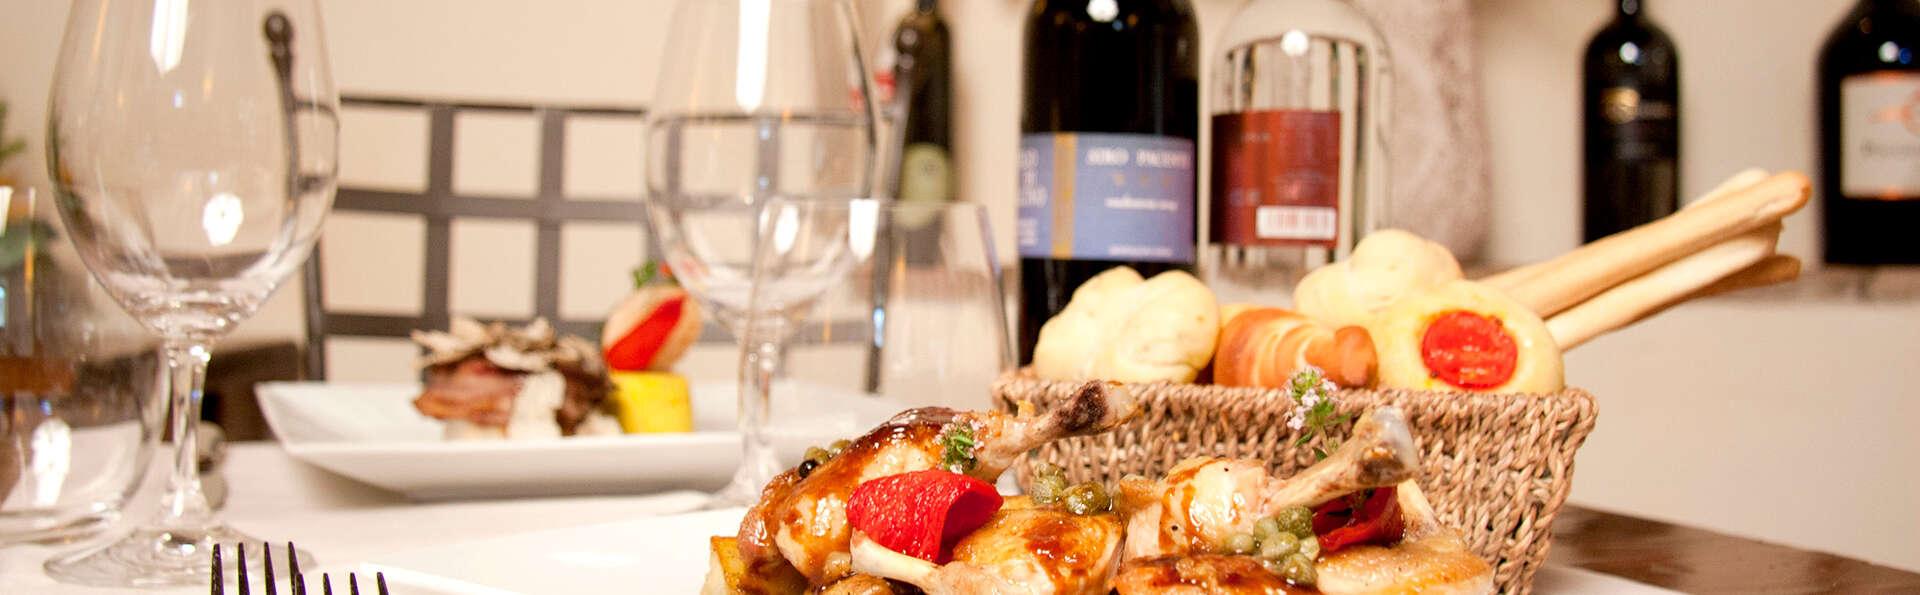 Séjour dans une magnifique villa toscane avec dîner !